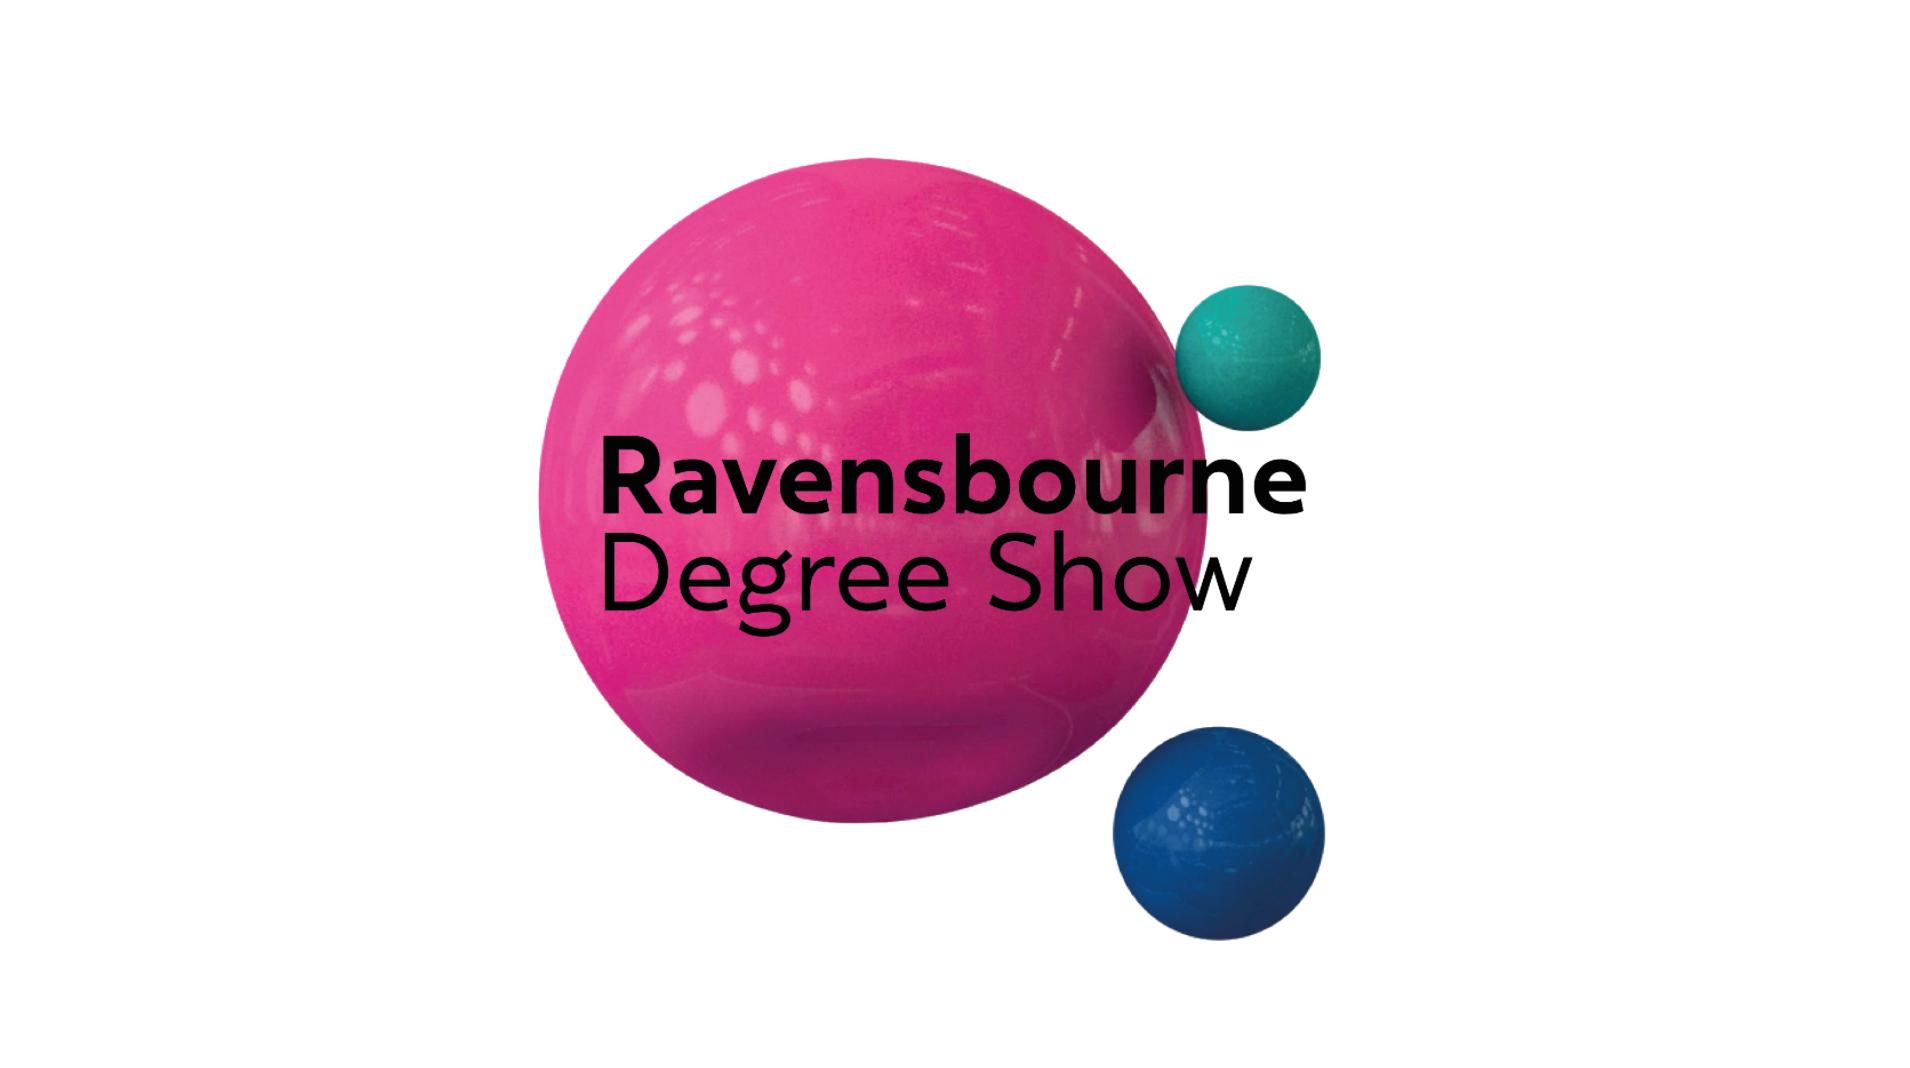 Ravensbourne Degree Show 2018